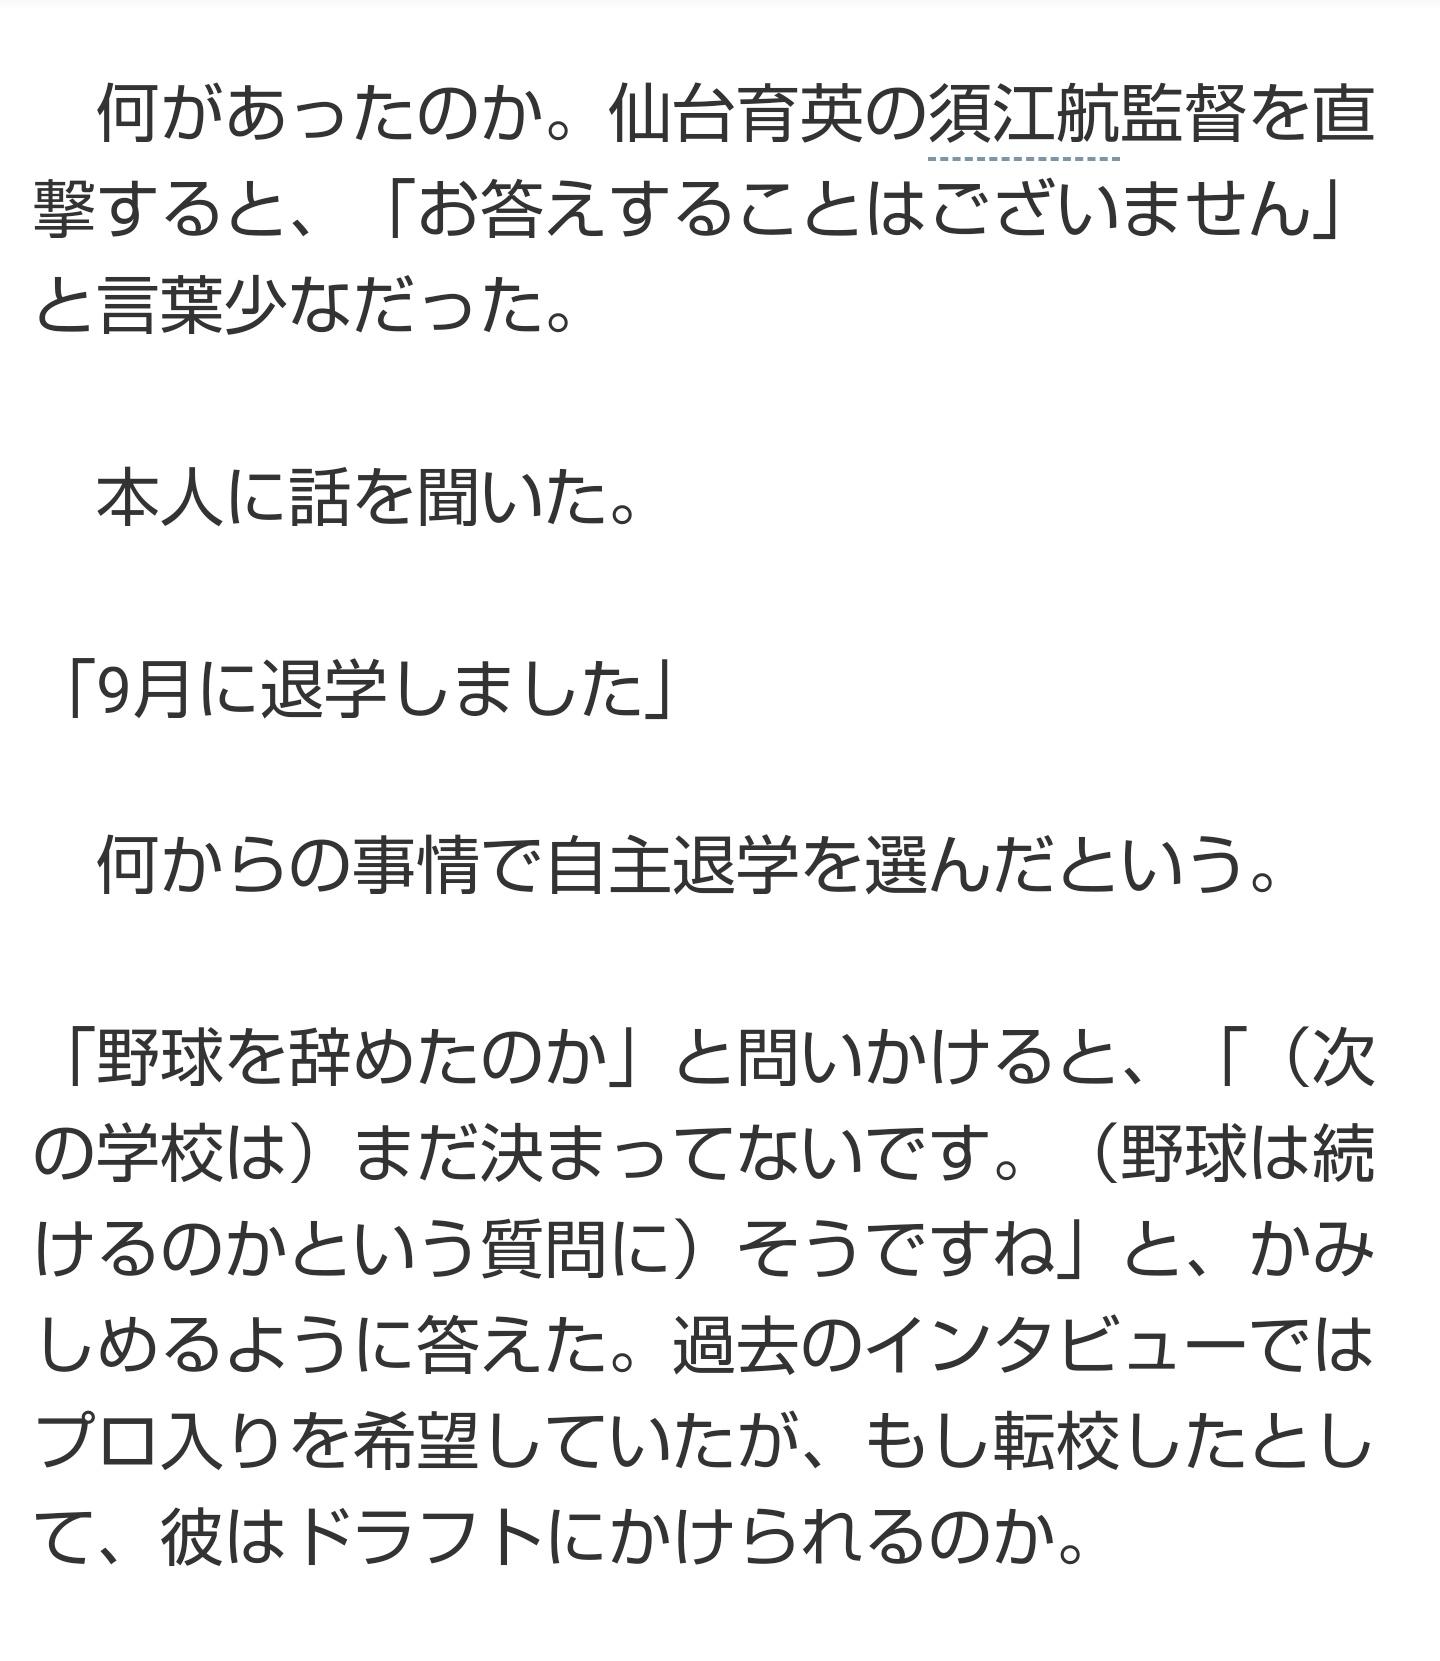 育英 笹倉 退学 仙台